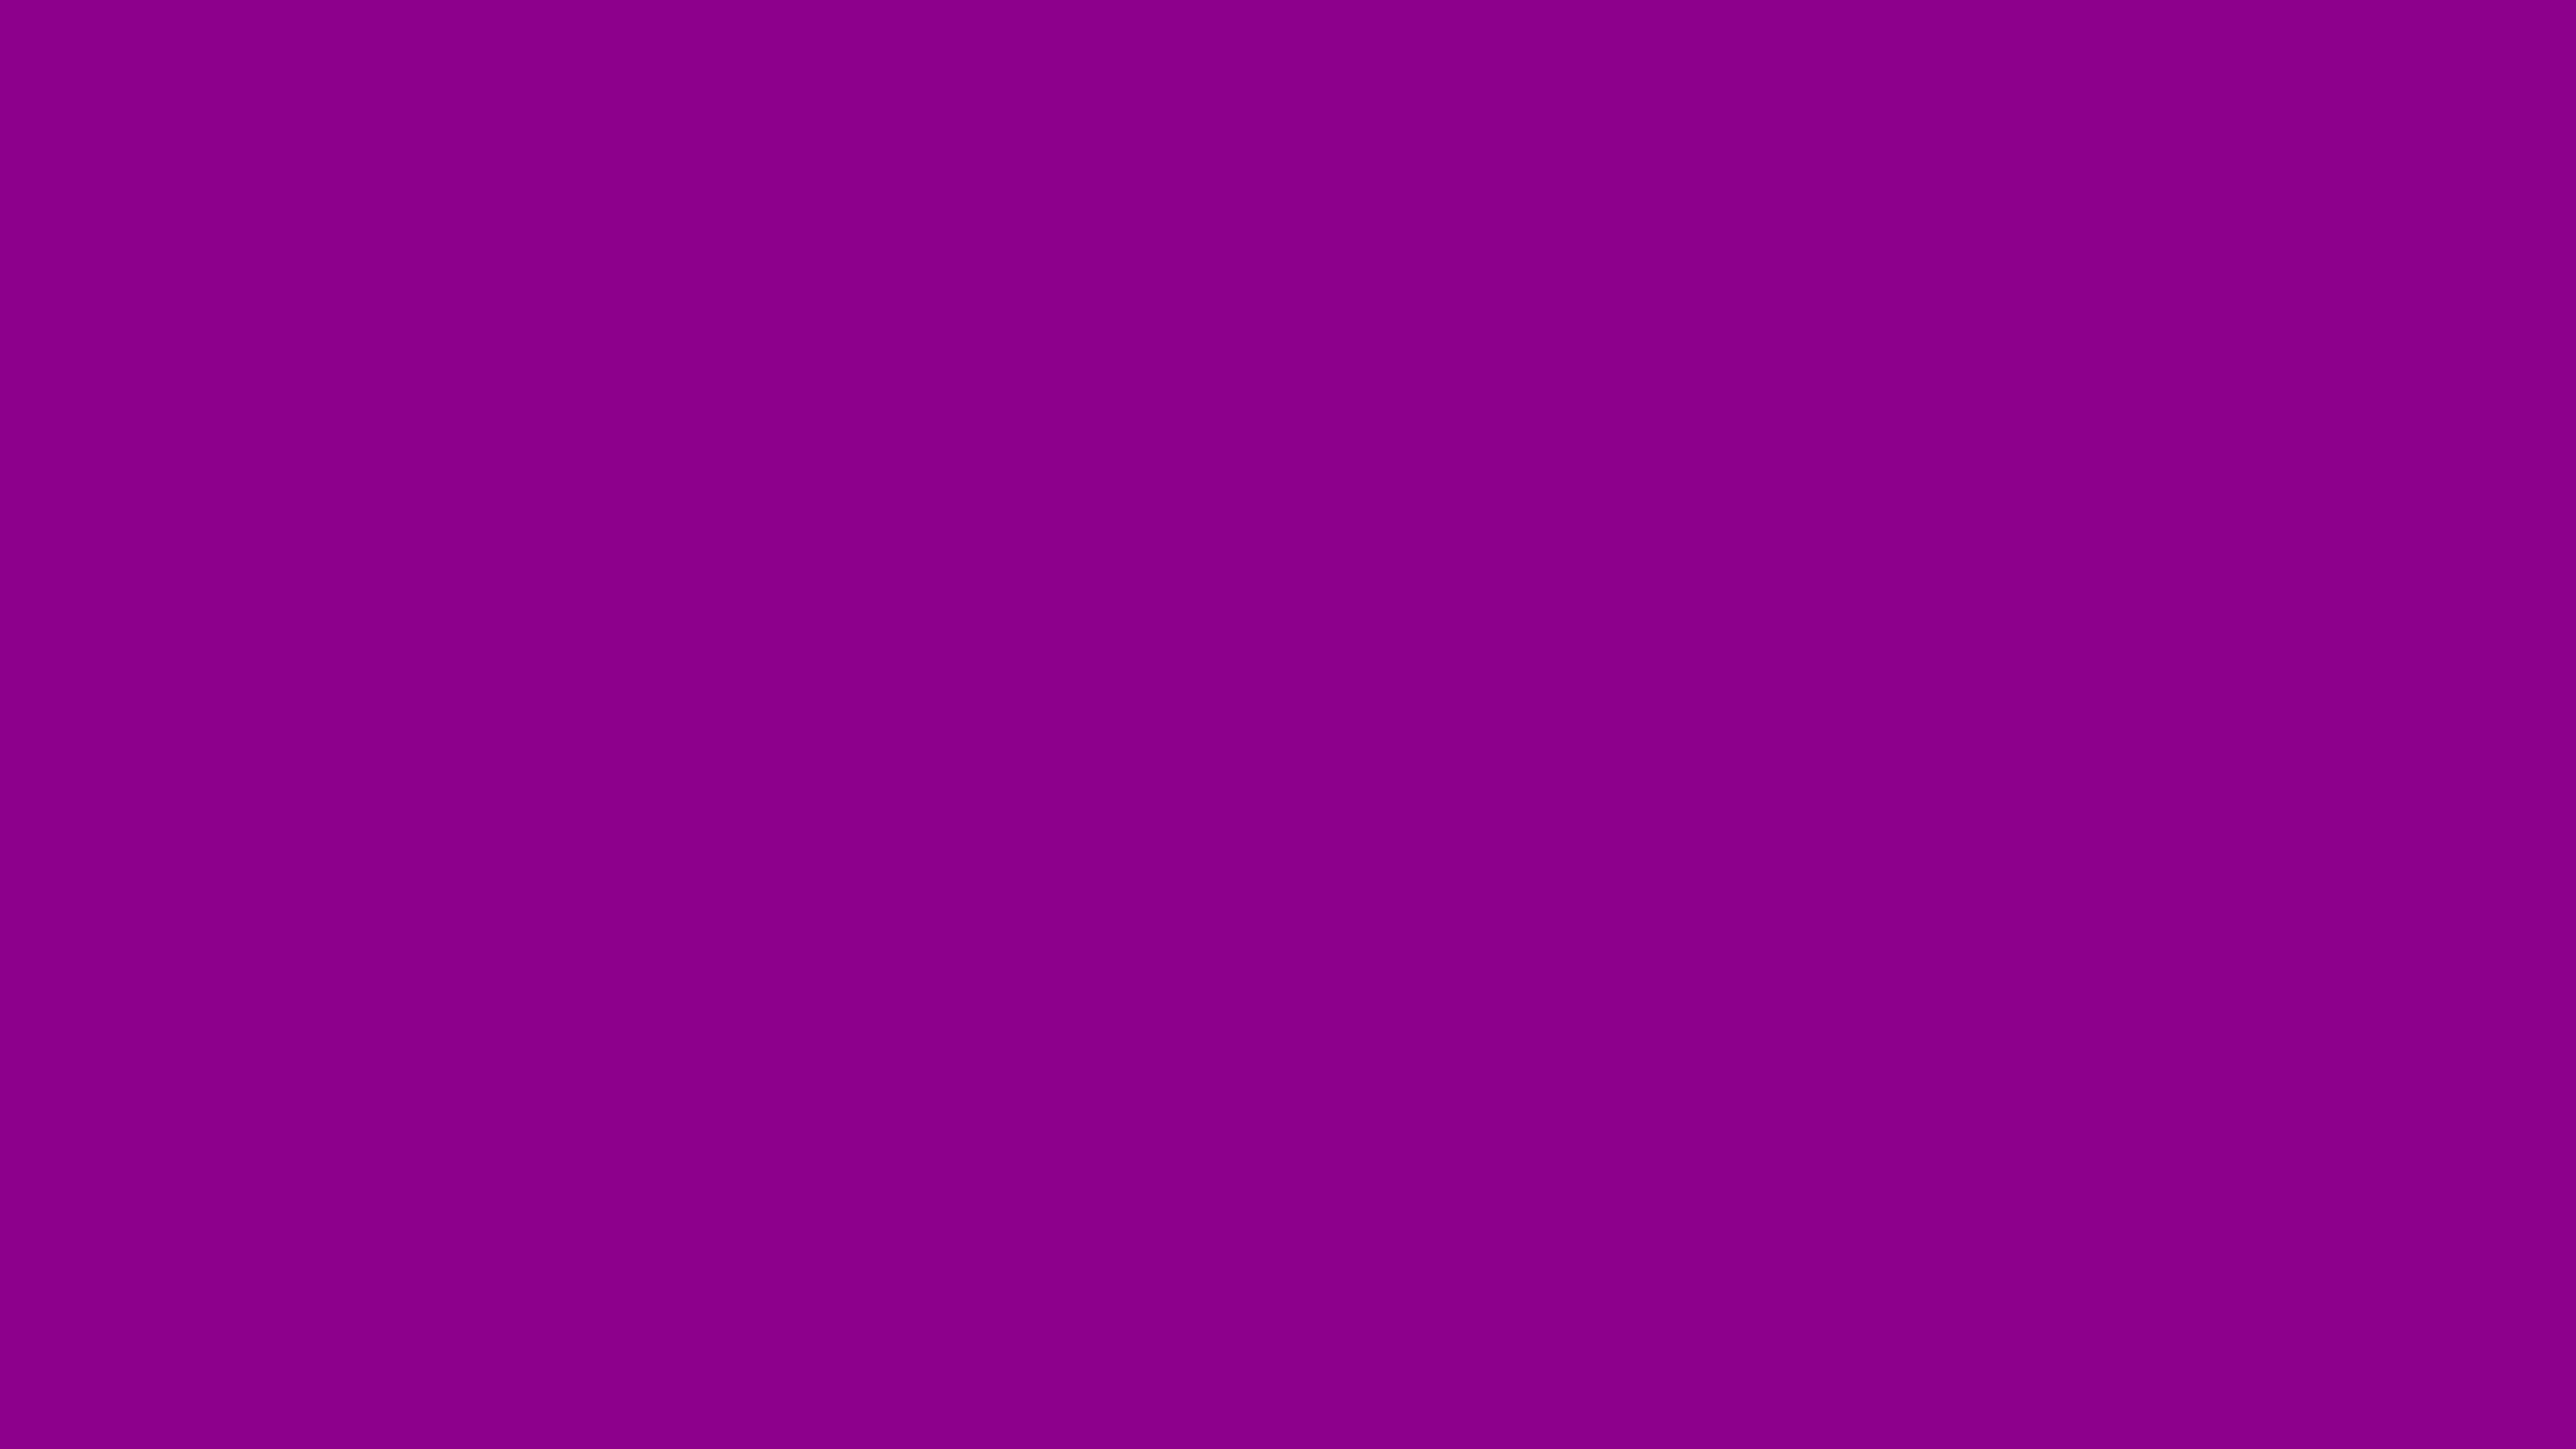 7680x4320 Dark Magenta Solid Color Background